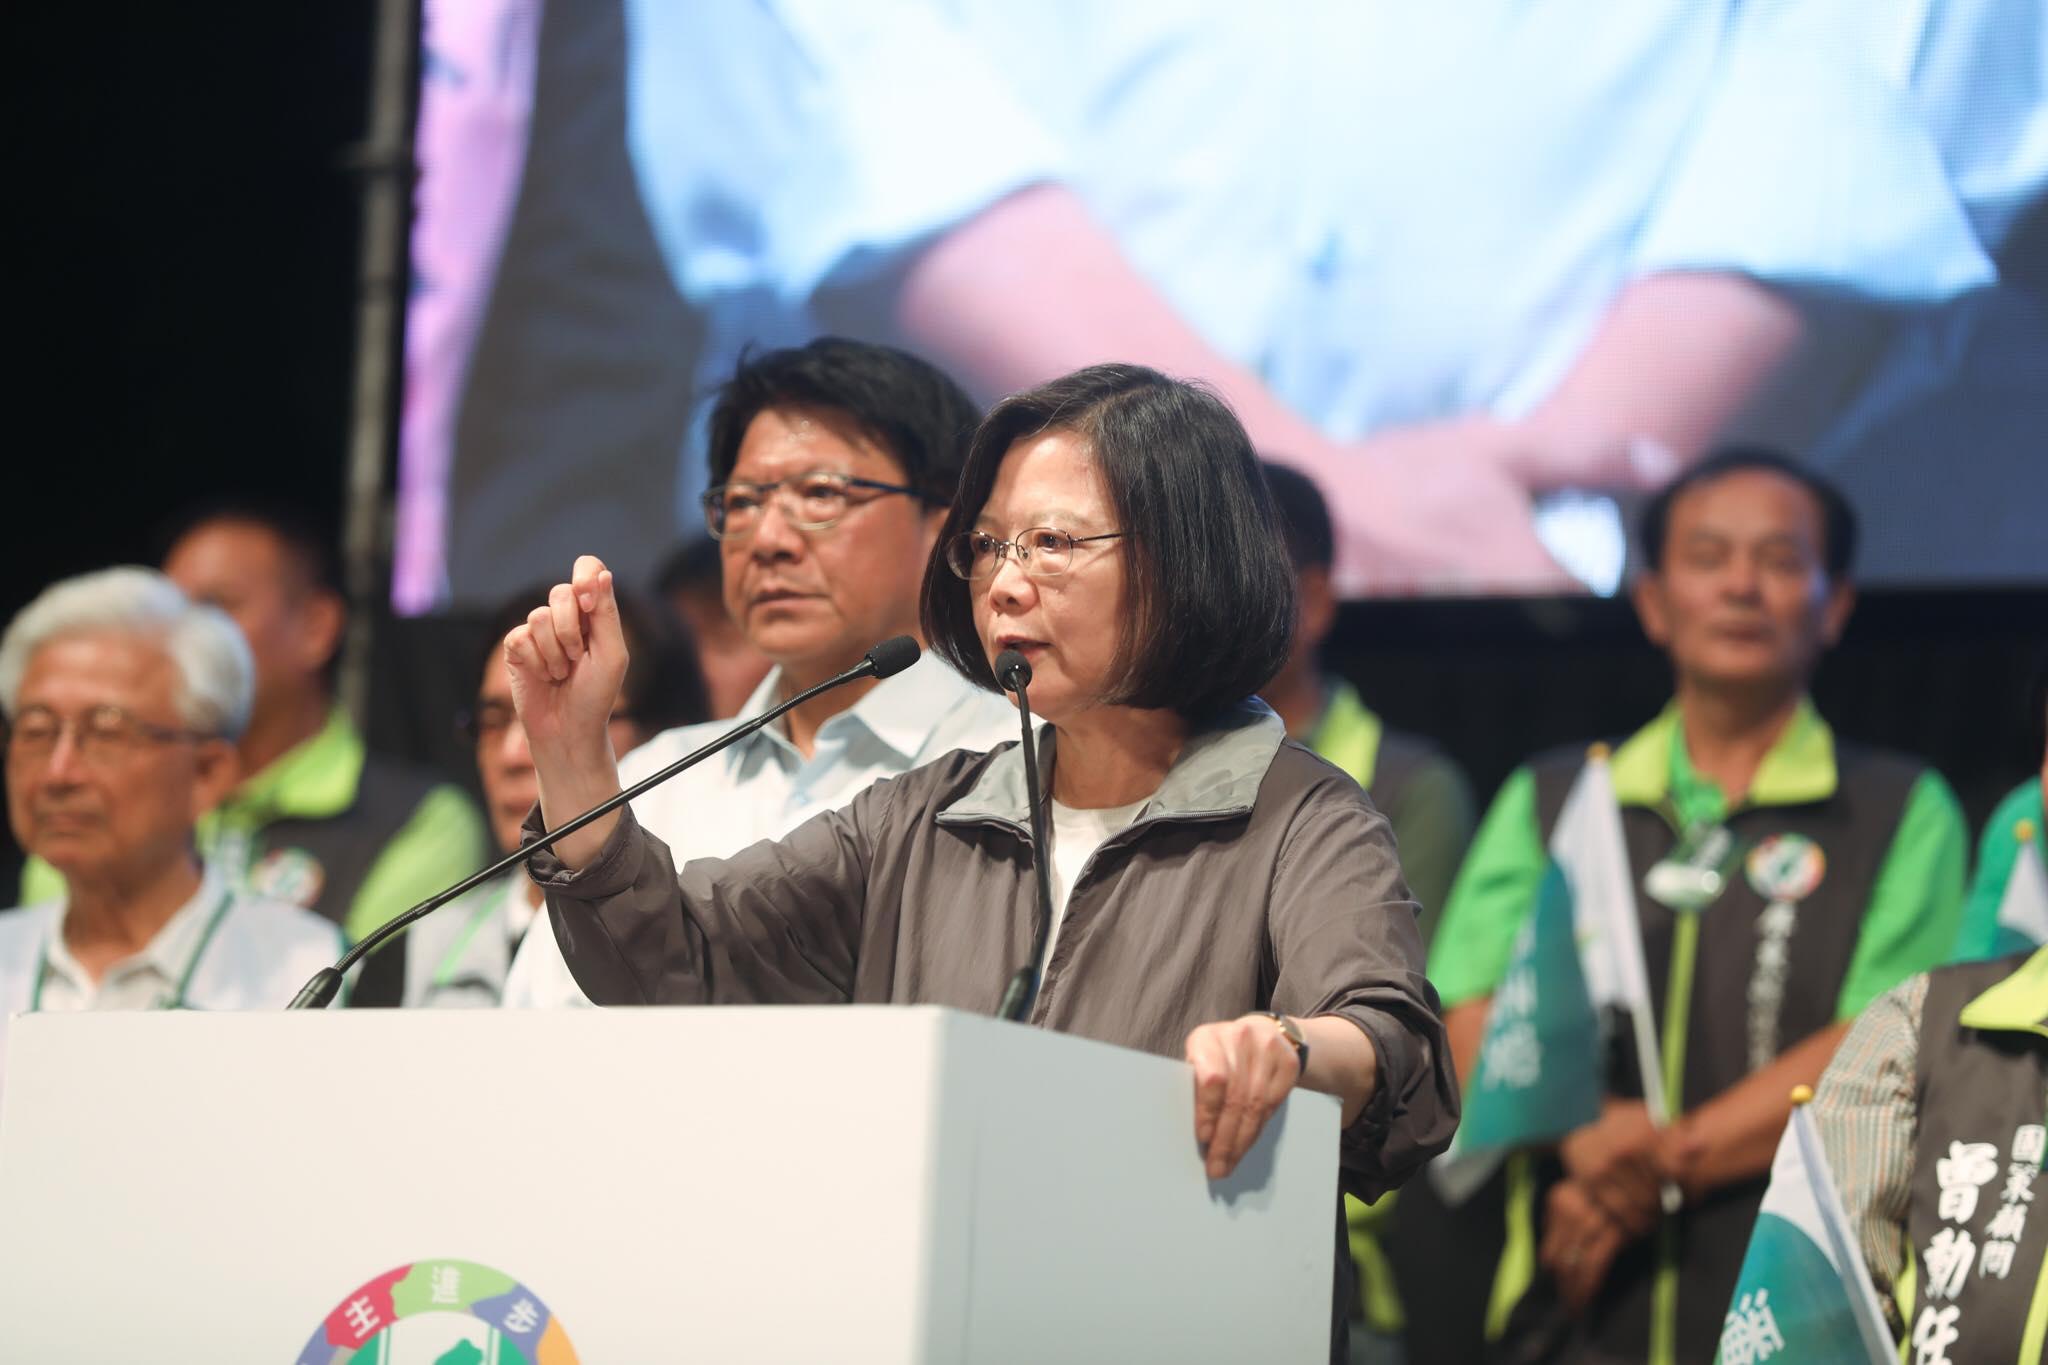 """国民党:蔡英文无力治理台湾,只能幻想""""境外打压"""""""